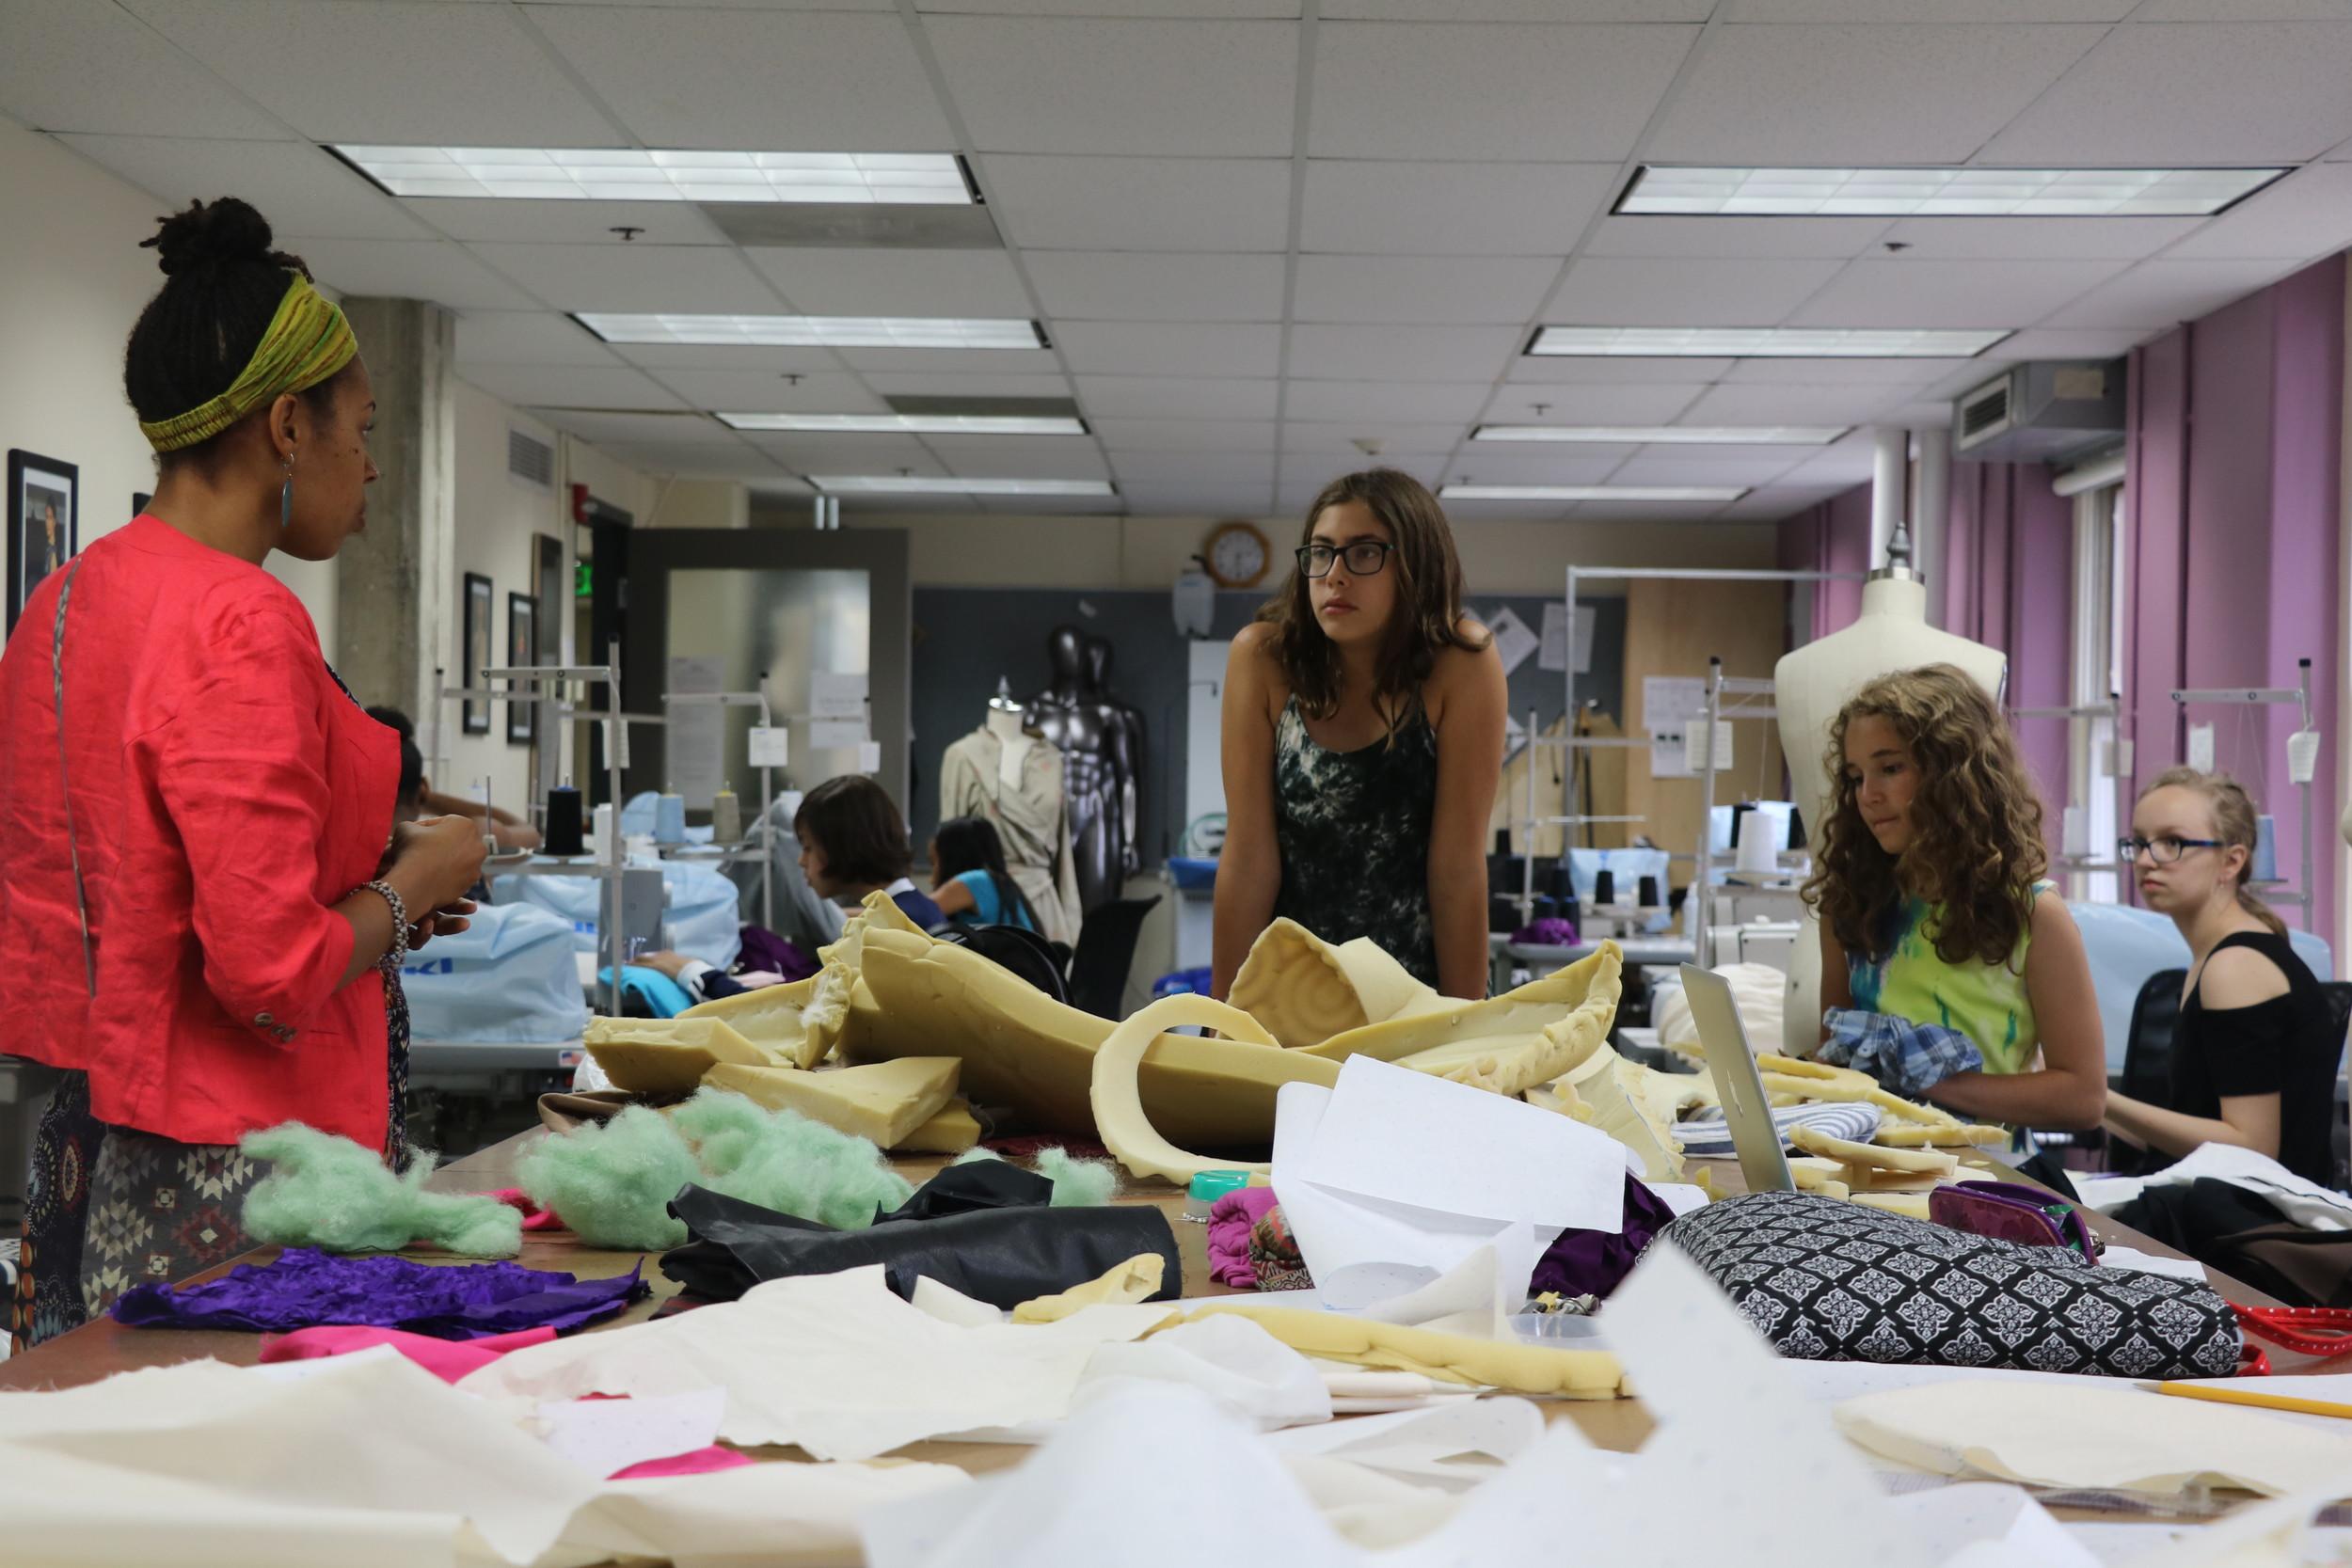 Opleiding junior stylist / Fashion design college